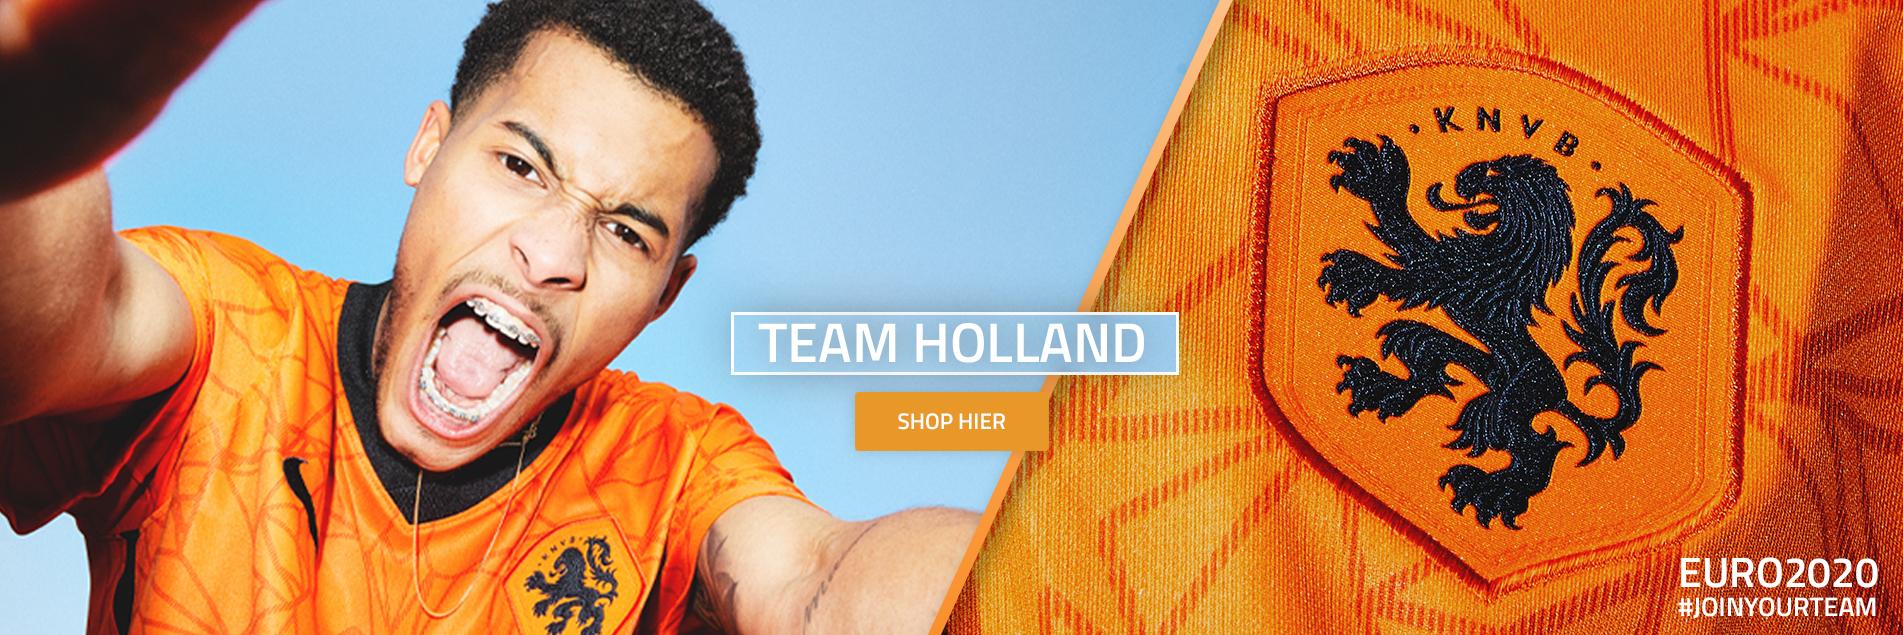 Nederland Fanshop